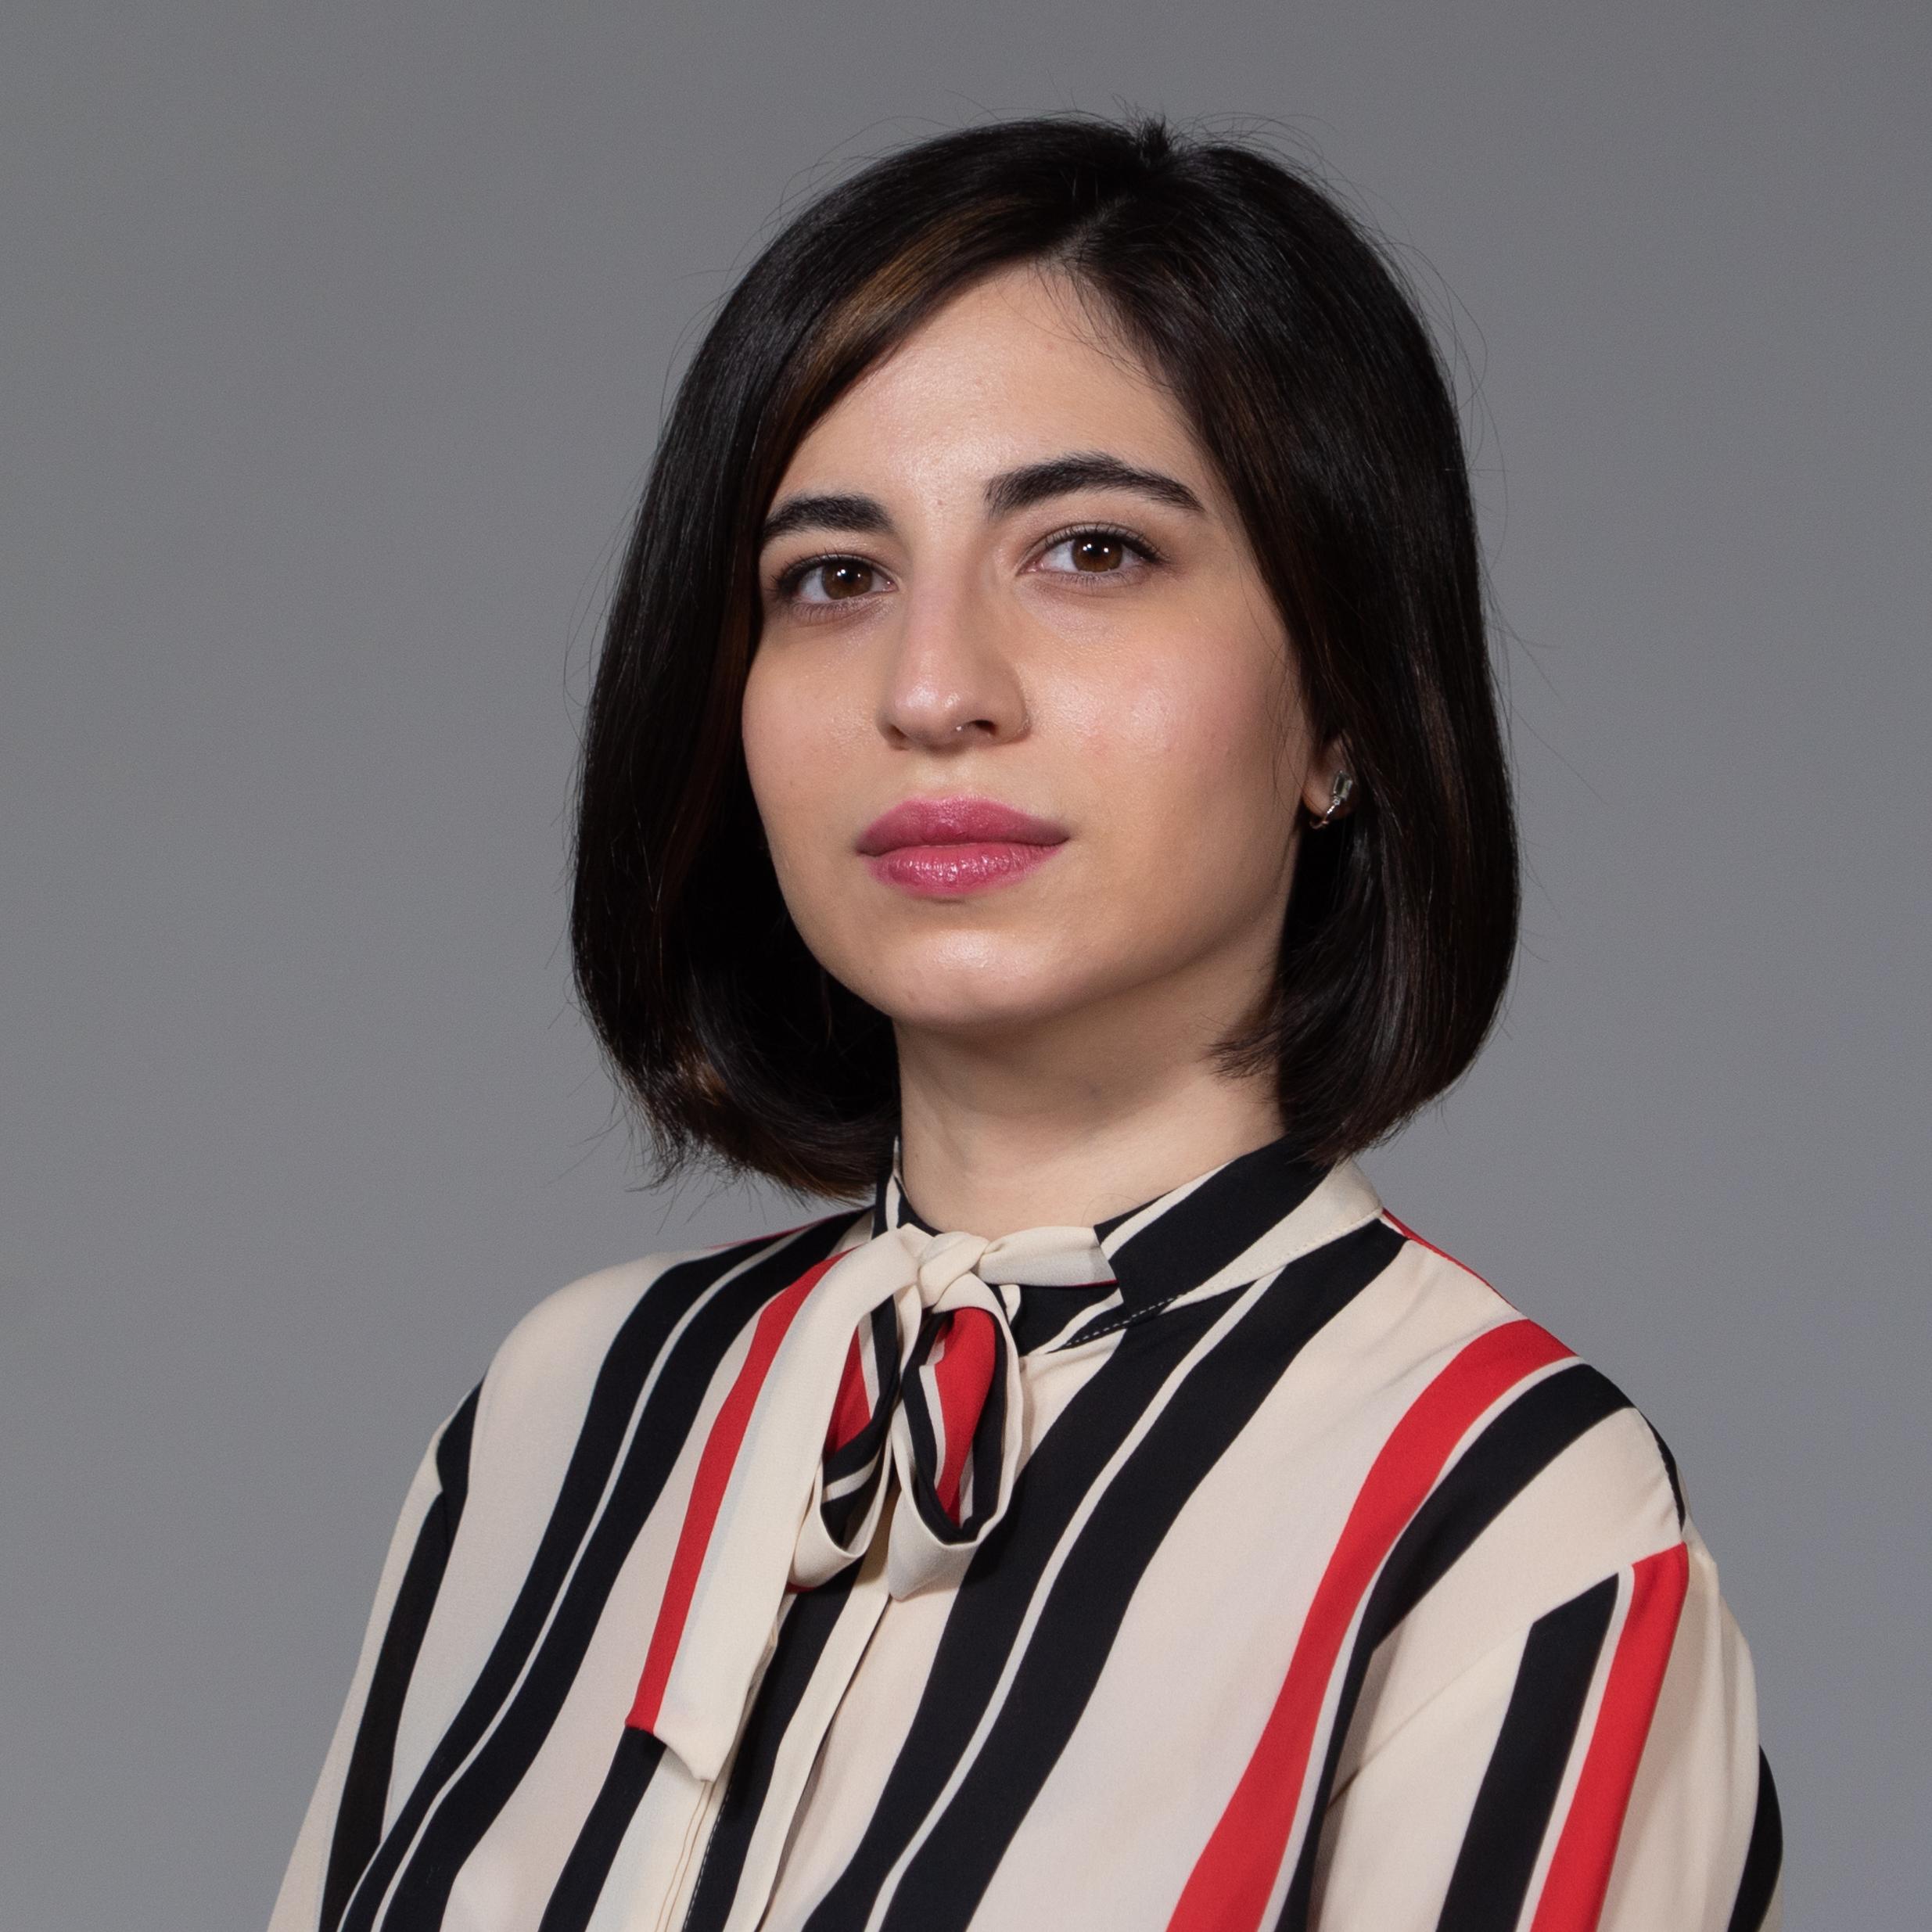 Силонян Алина Аркадьевна